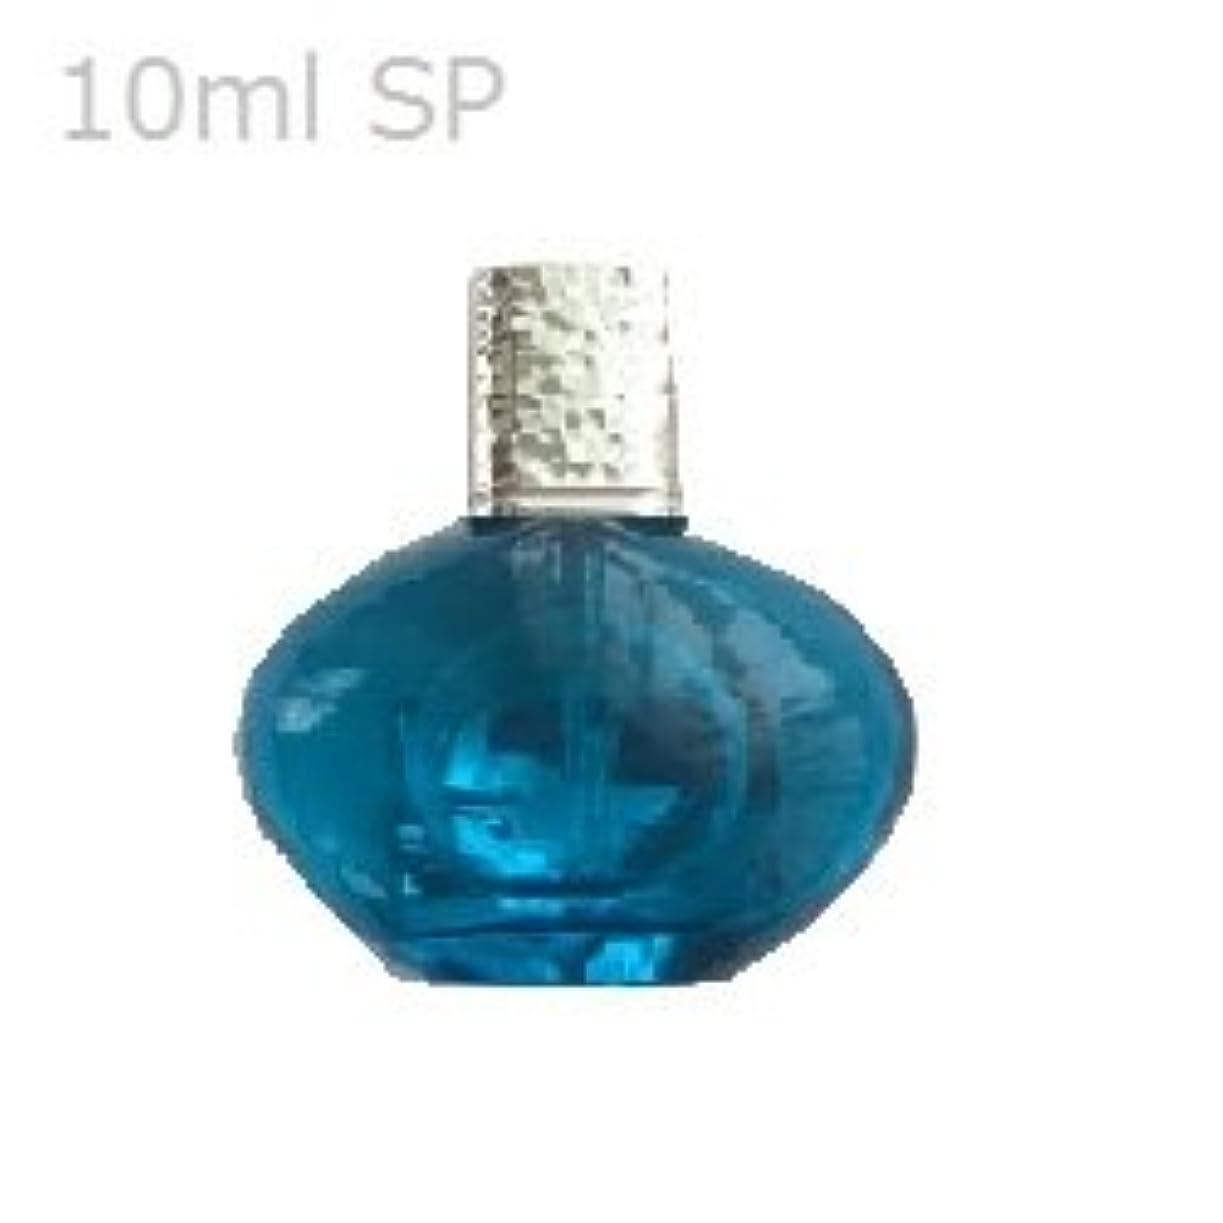 期限スコアバングラデシュエリザベスアーデン メデイテレニアン EDP 10ml ミニ香水 Elizabeth Arden